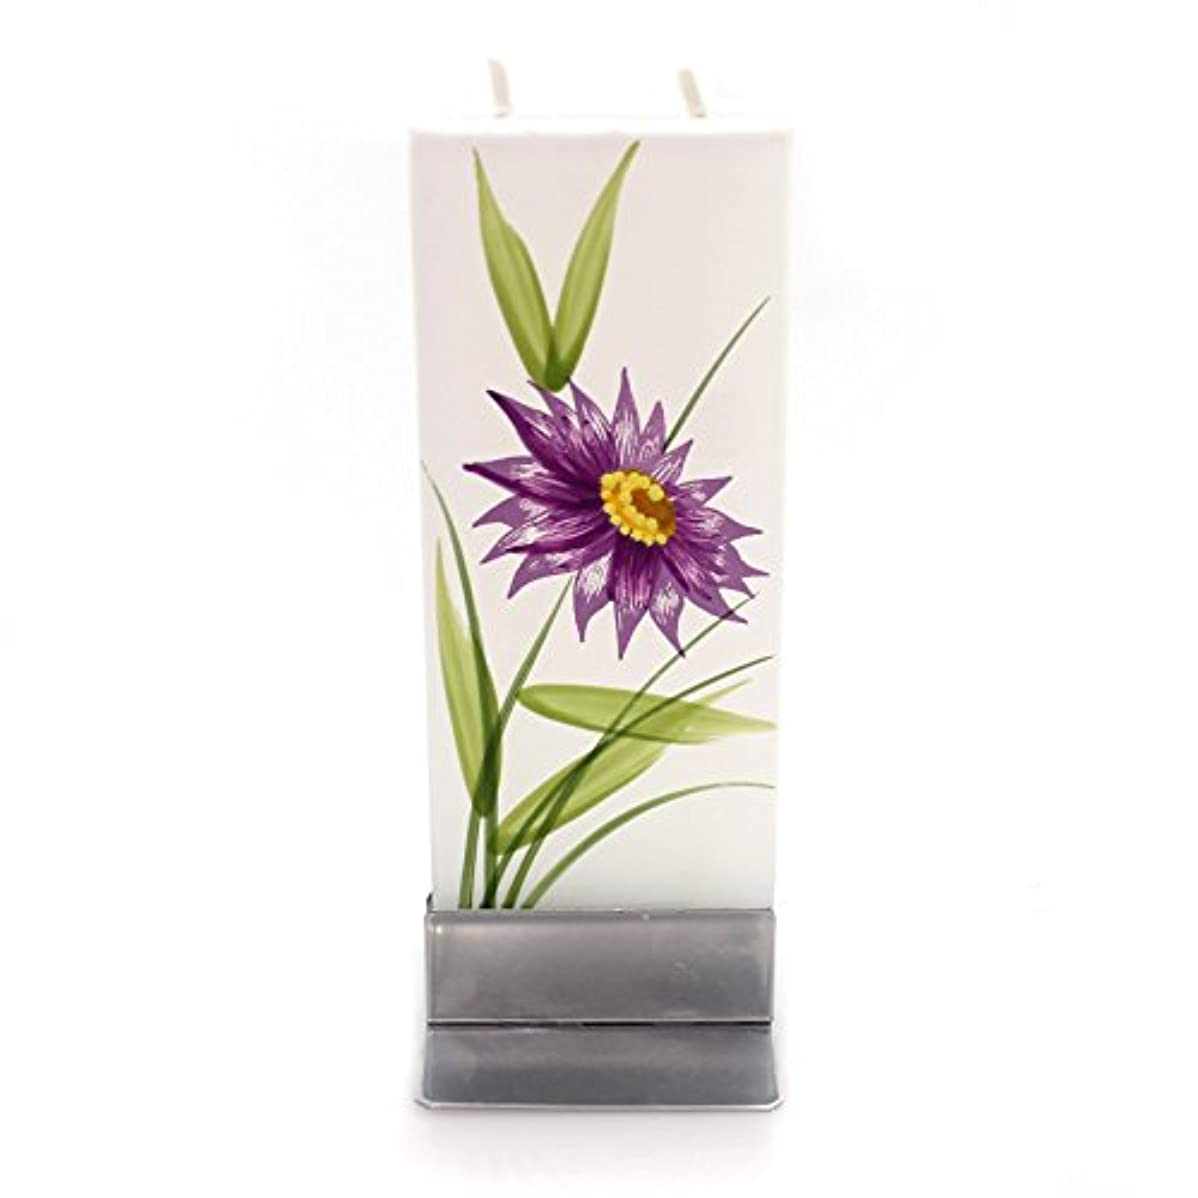 罪悪感シャンプー例ホームデコレーションパープル花W /イエローCentre Dripless Fragrance Free Candle f1640